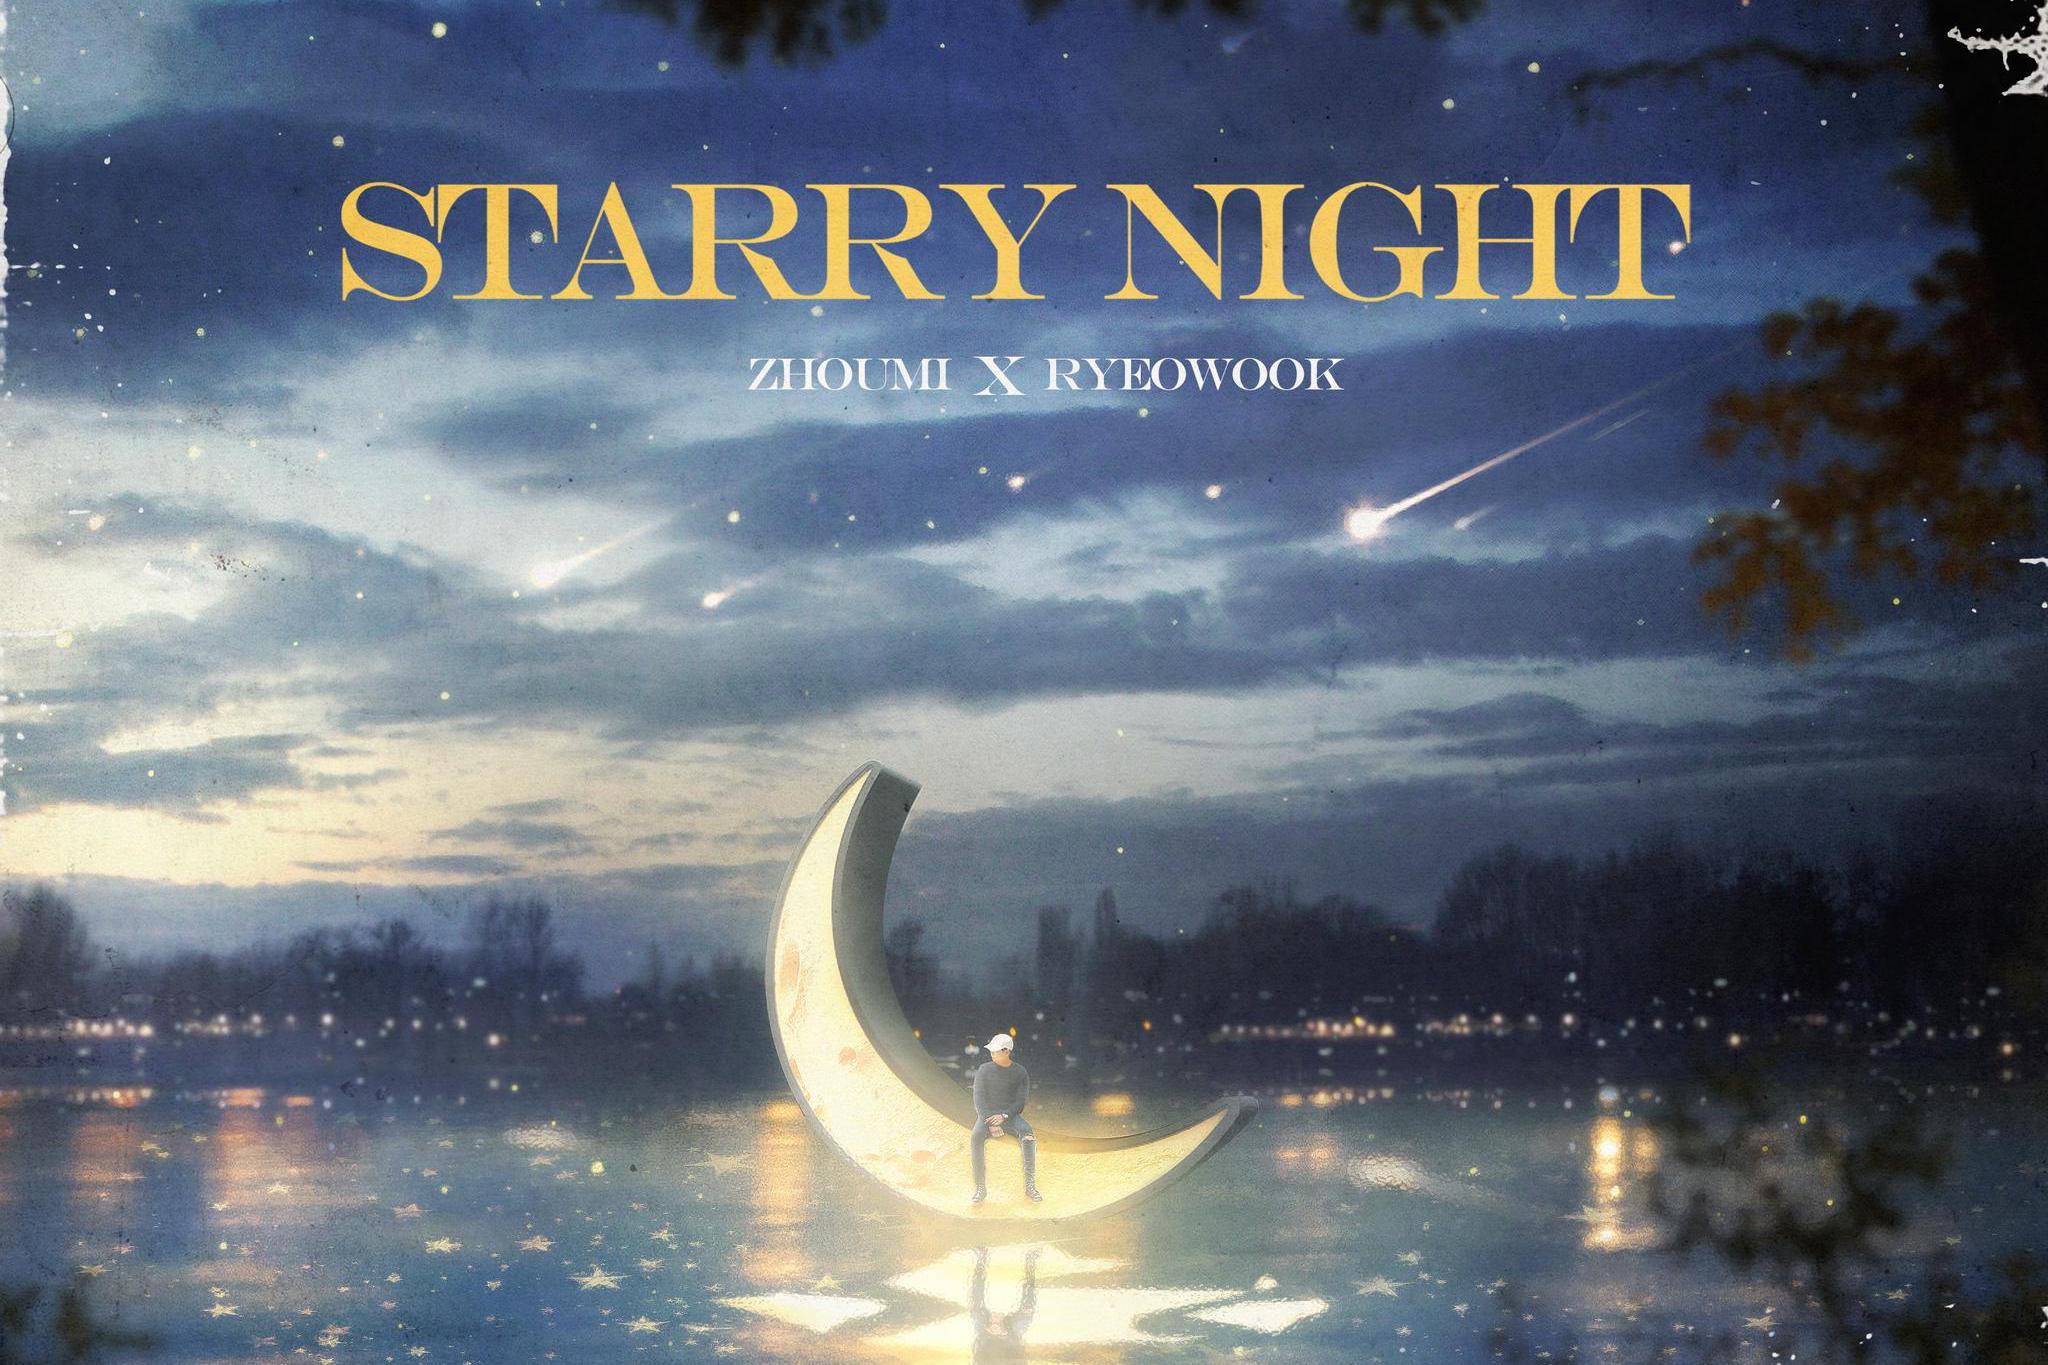 周觅新曲《Starry Night》及特别Video将于今天下午5点公开!